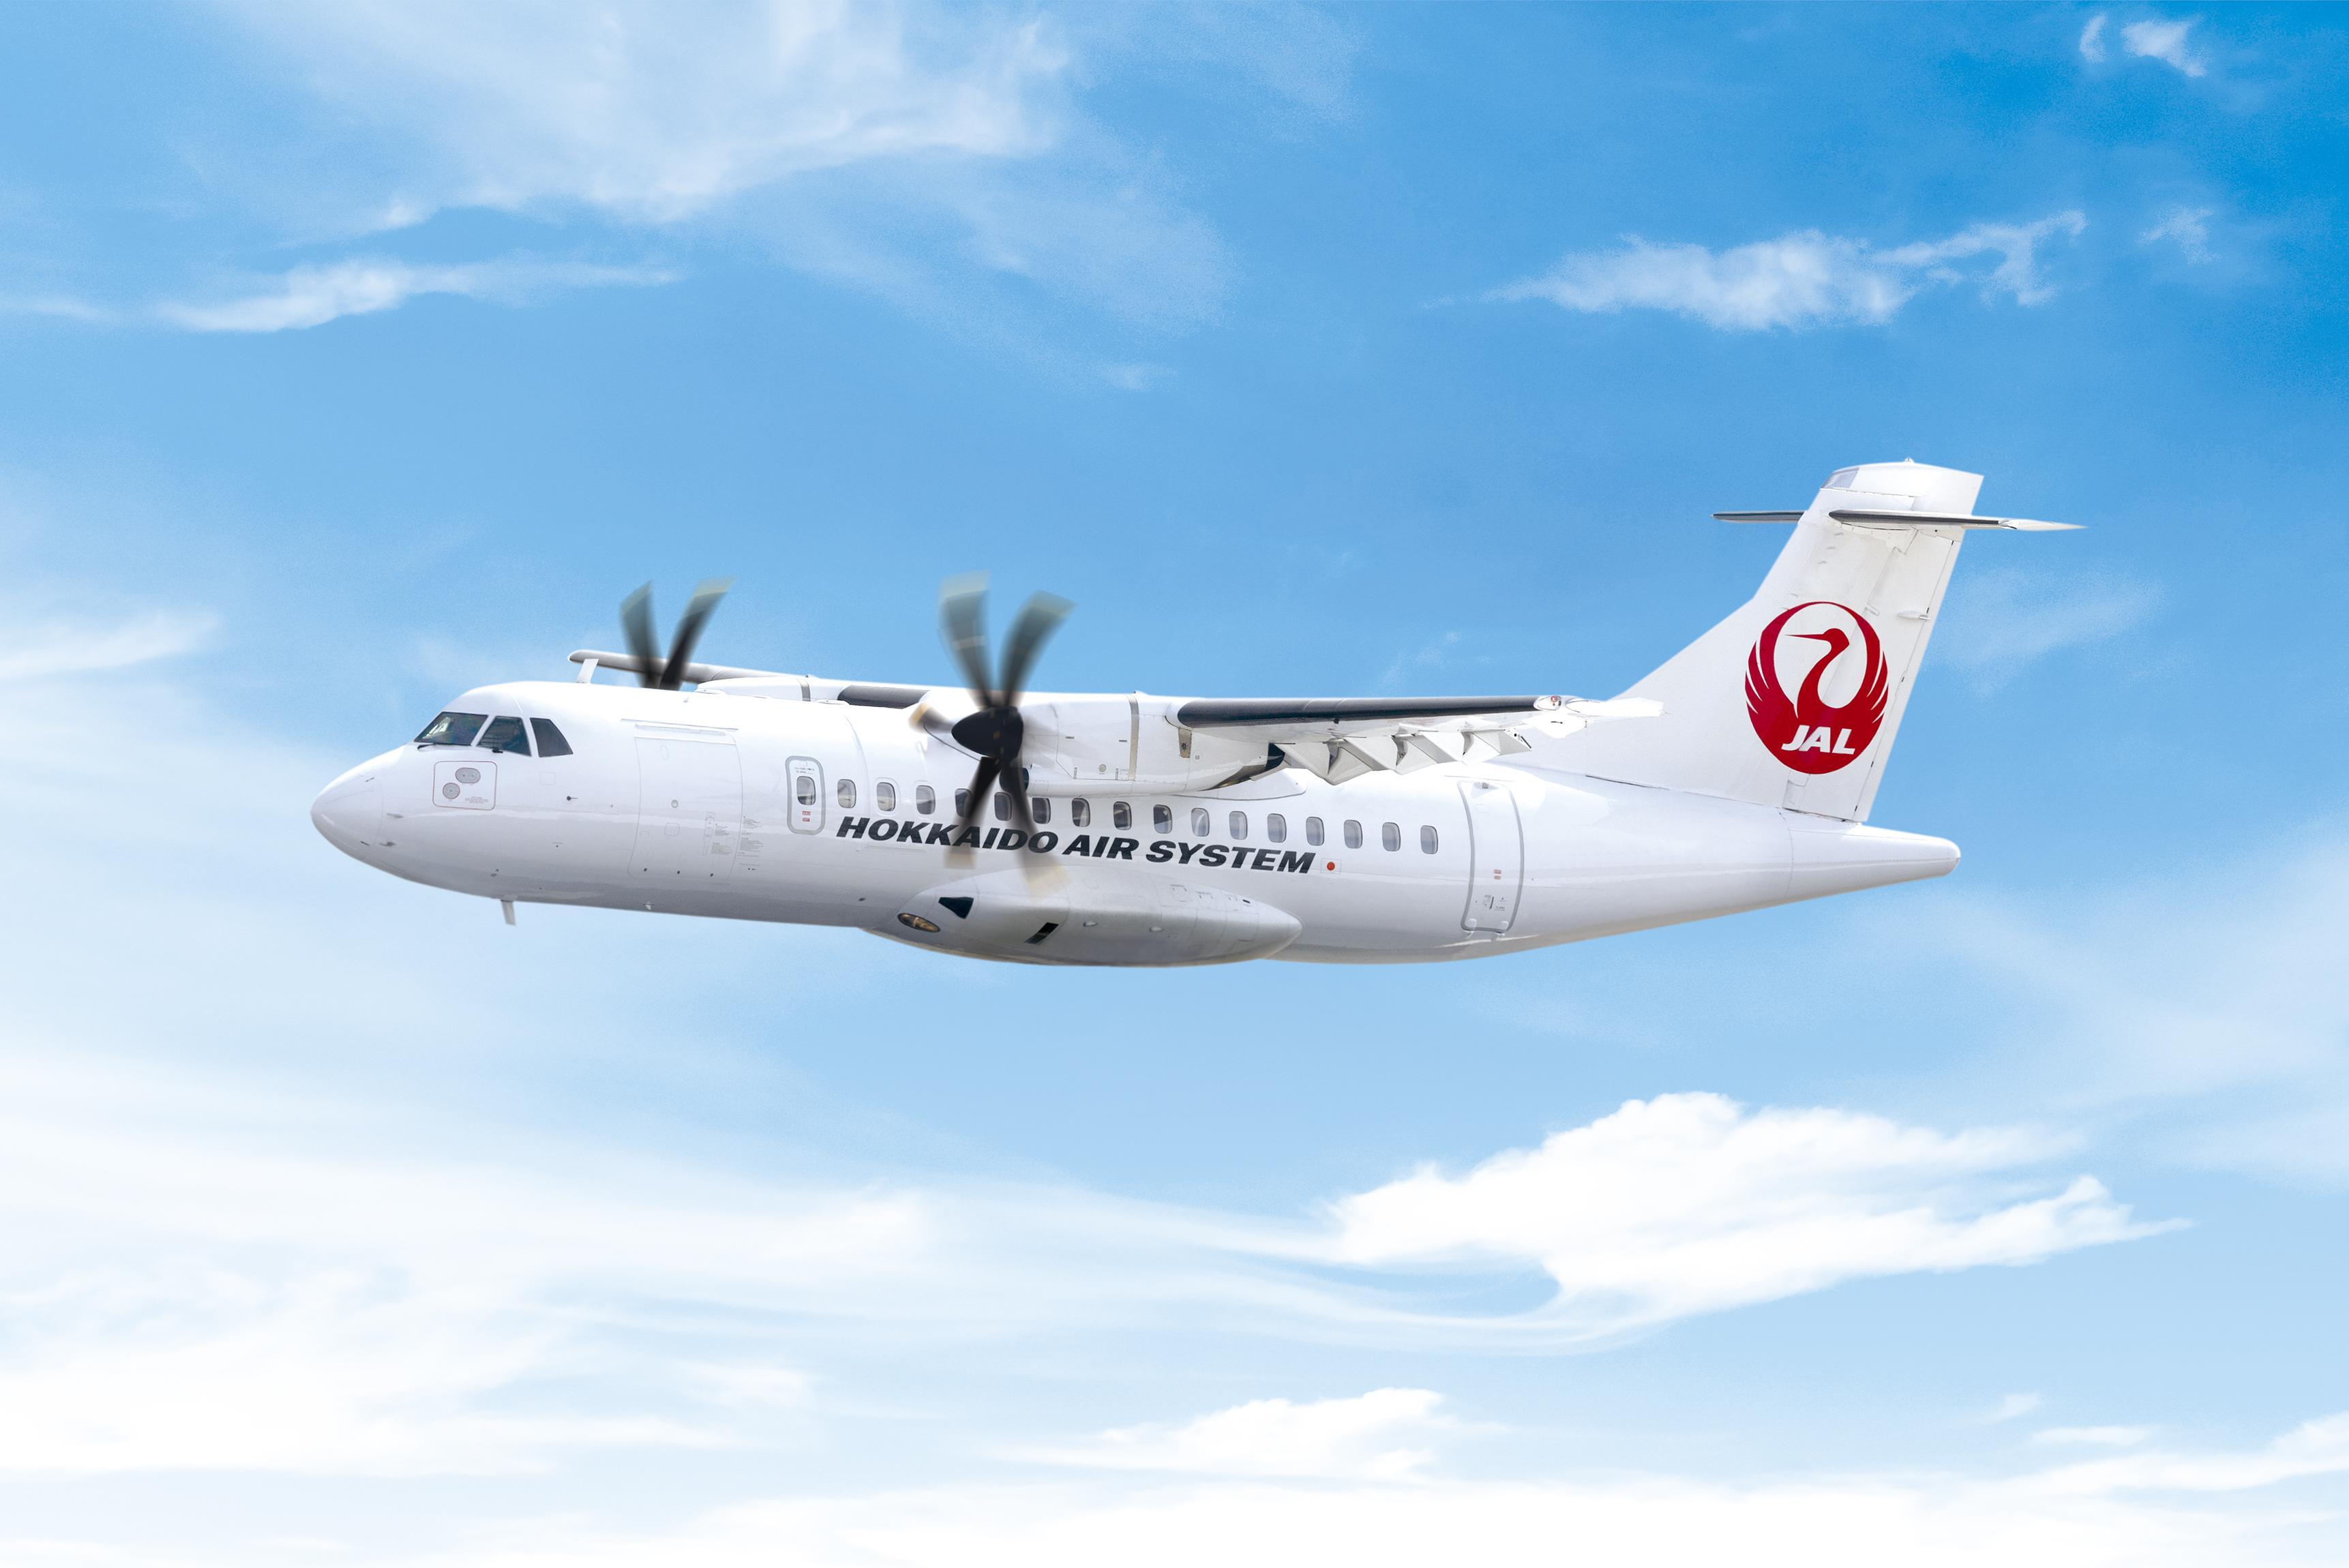 ワンワールドにアフィリエイト加盟する日本航空(JL)グループの日本エアコミューター(JC)と北海道エアシステム。ブリティッシュ・エアウェイズ(BA)への影響は?